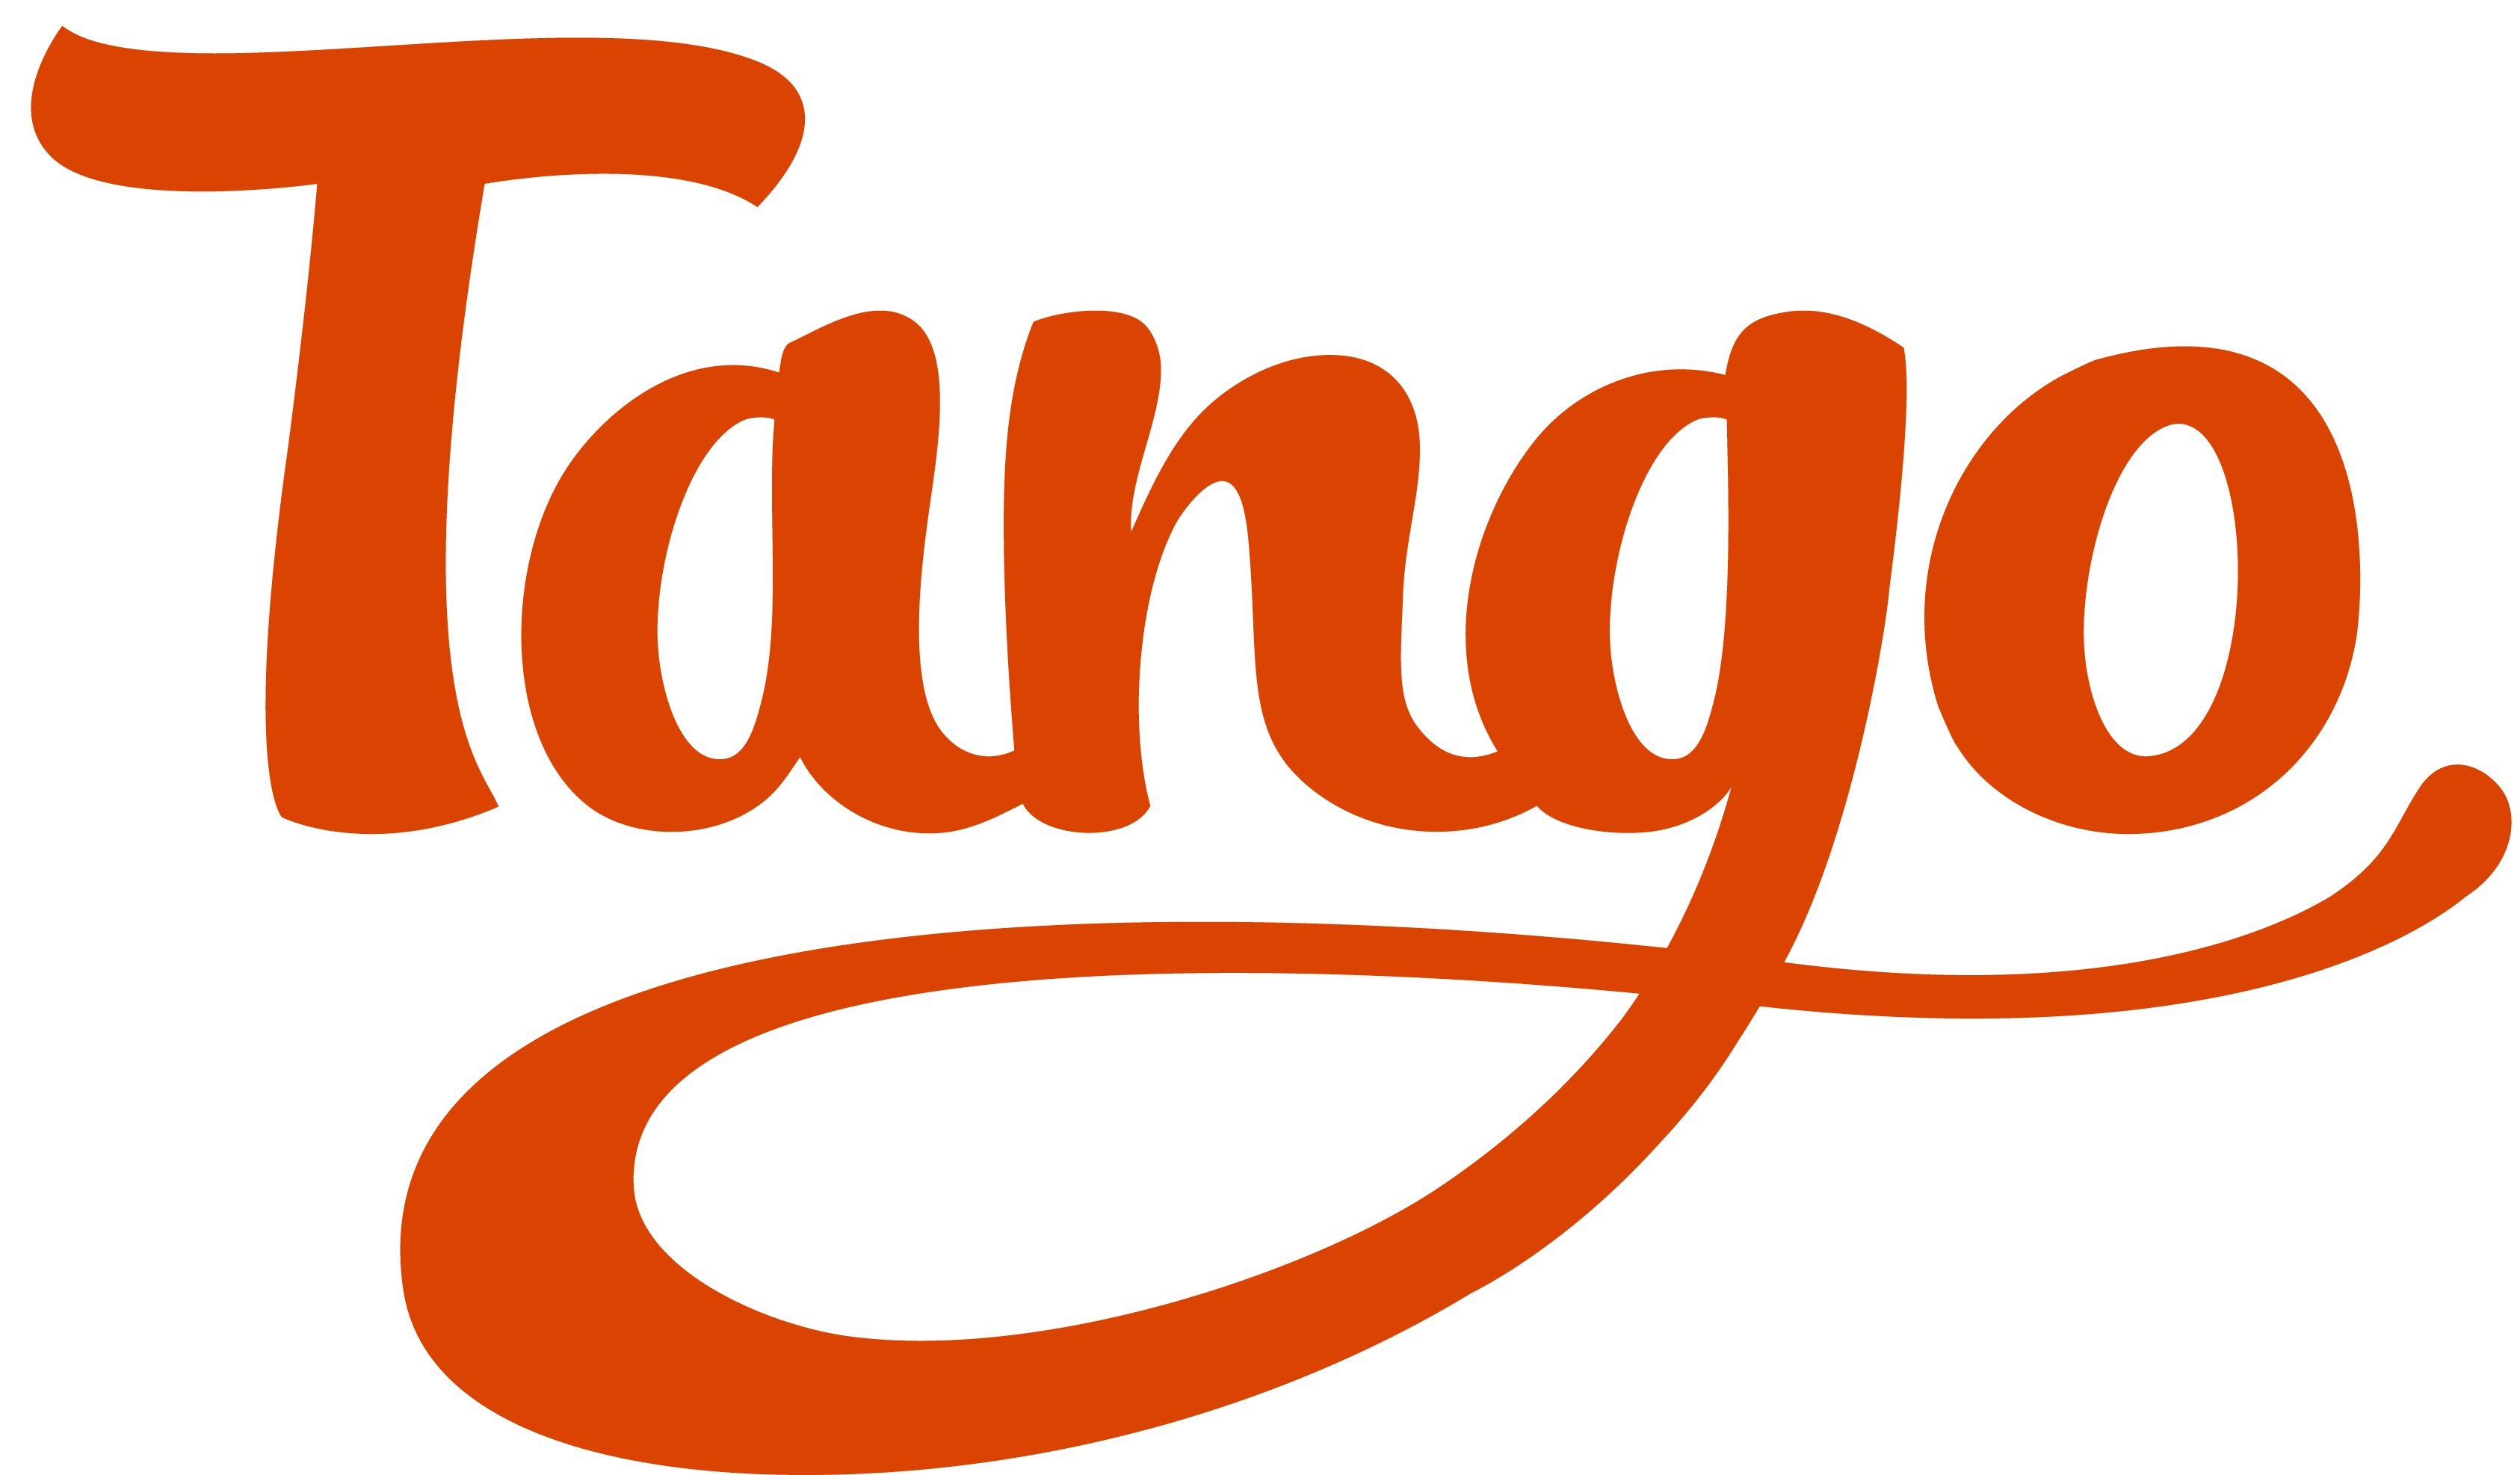 Tango für iOS: Die Shake-Funktion erleichtert das Finden von Freunden in der Umgebung